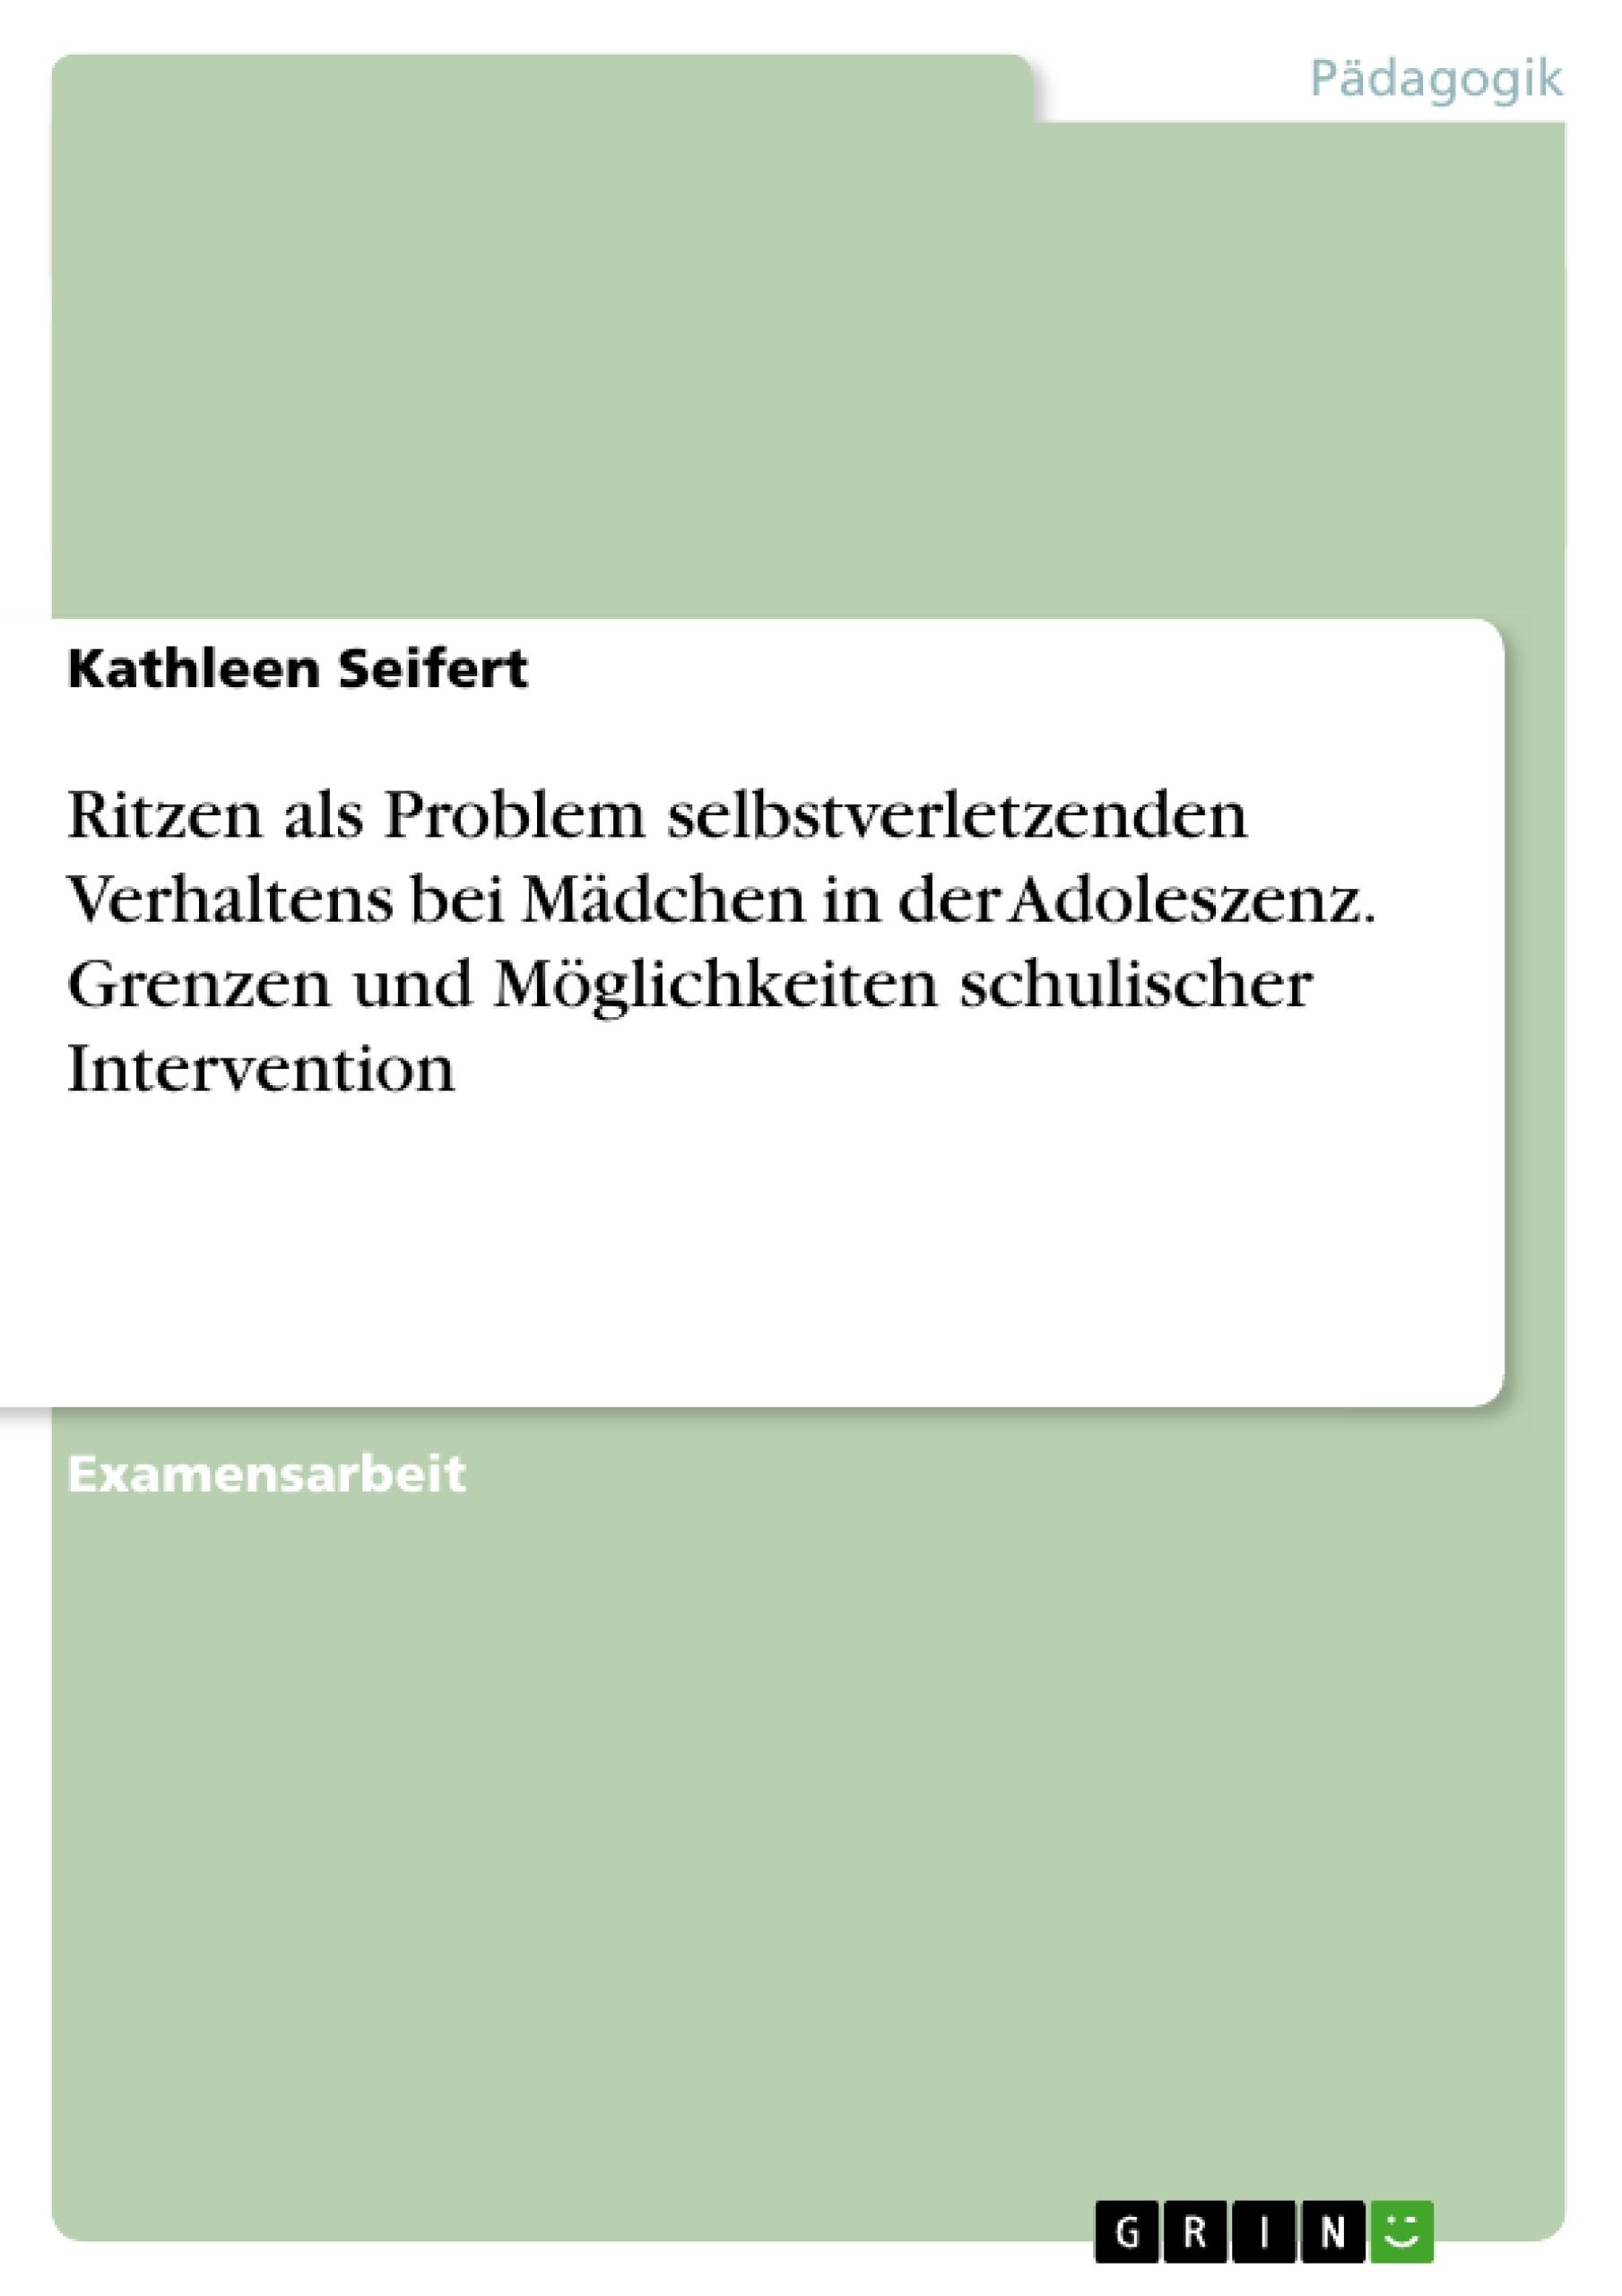 Titel: Ritzen als Problem selbstverletzenden Verhaltens bei Mädchen in der Adoleszenz. Grenzen und Möglichkeiten schulischer Intervention